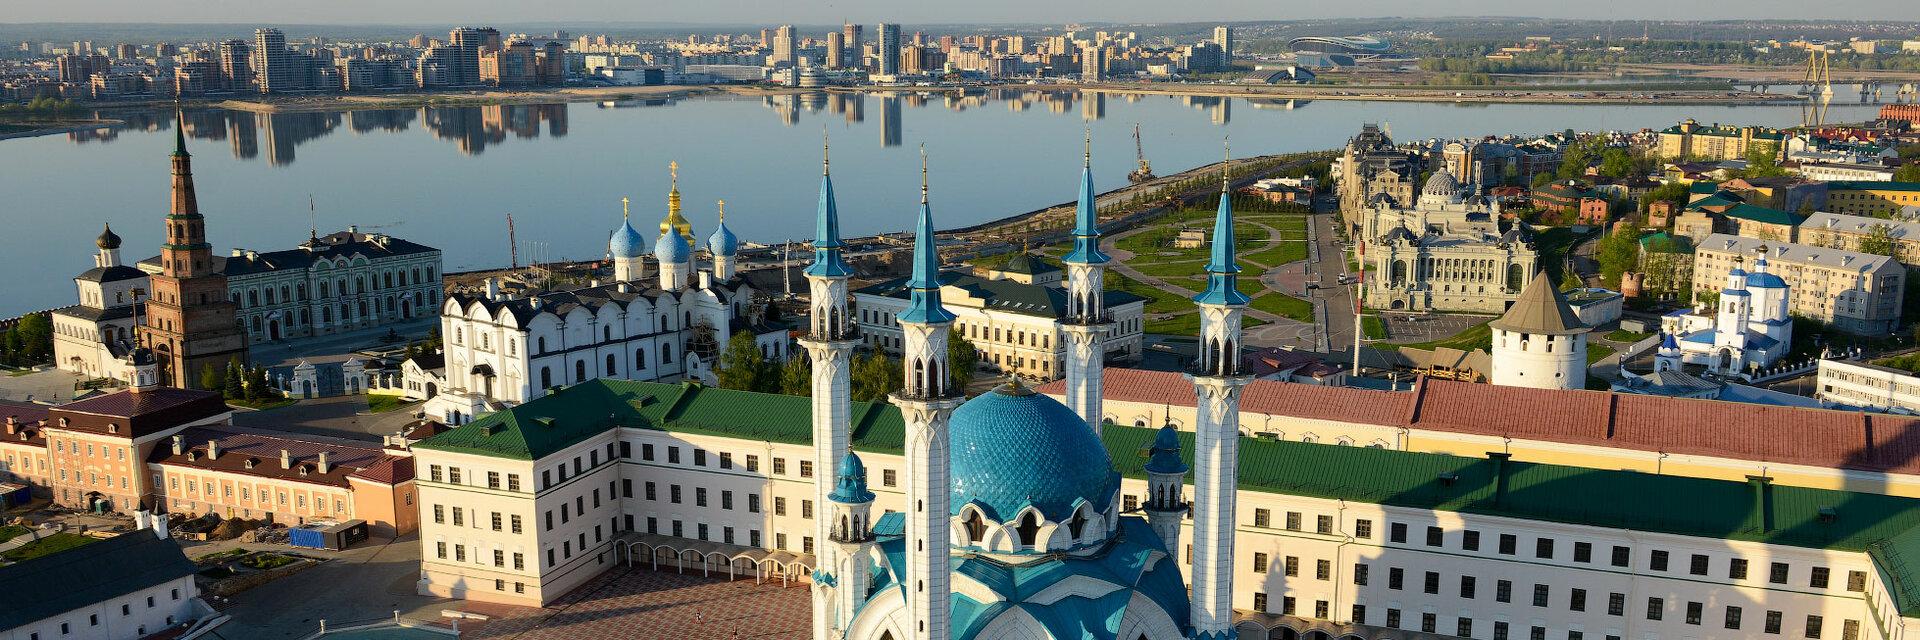 Поиск отелей в Казани